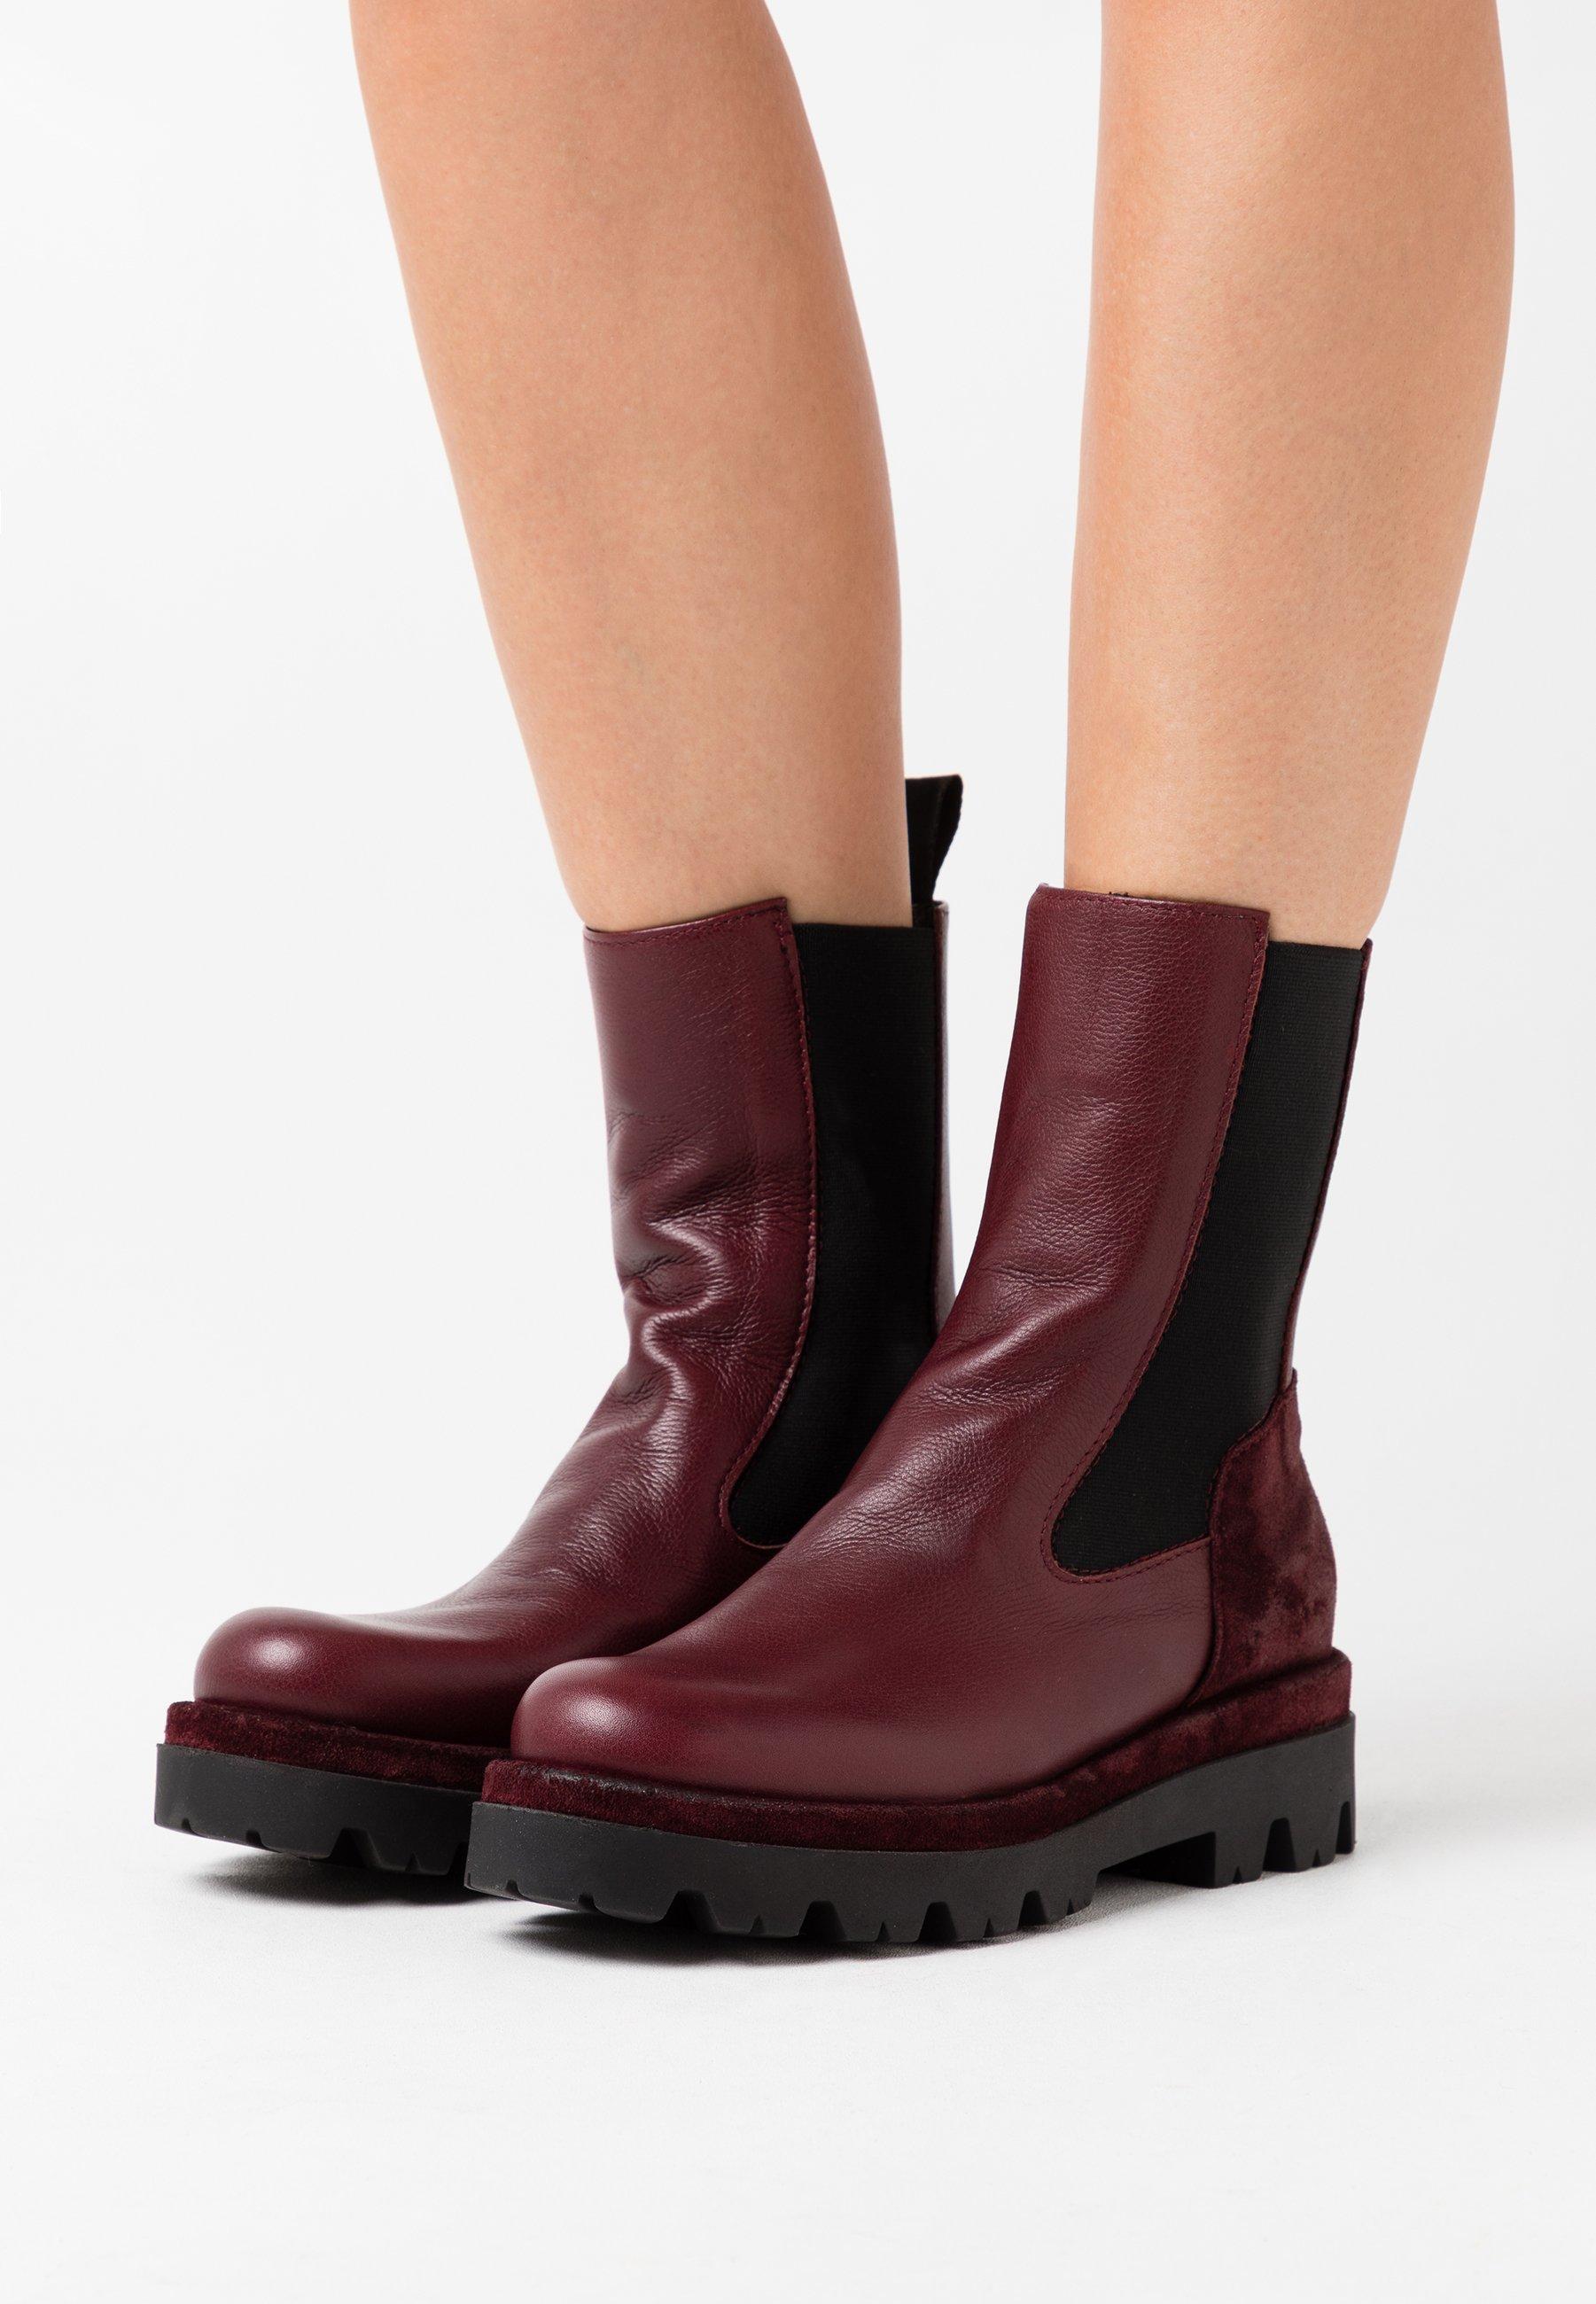 lilimill ASTRID - Plateaustiefelette - sidney magenta | Damen Schuhe 2020